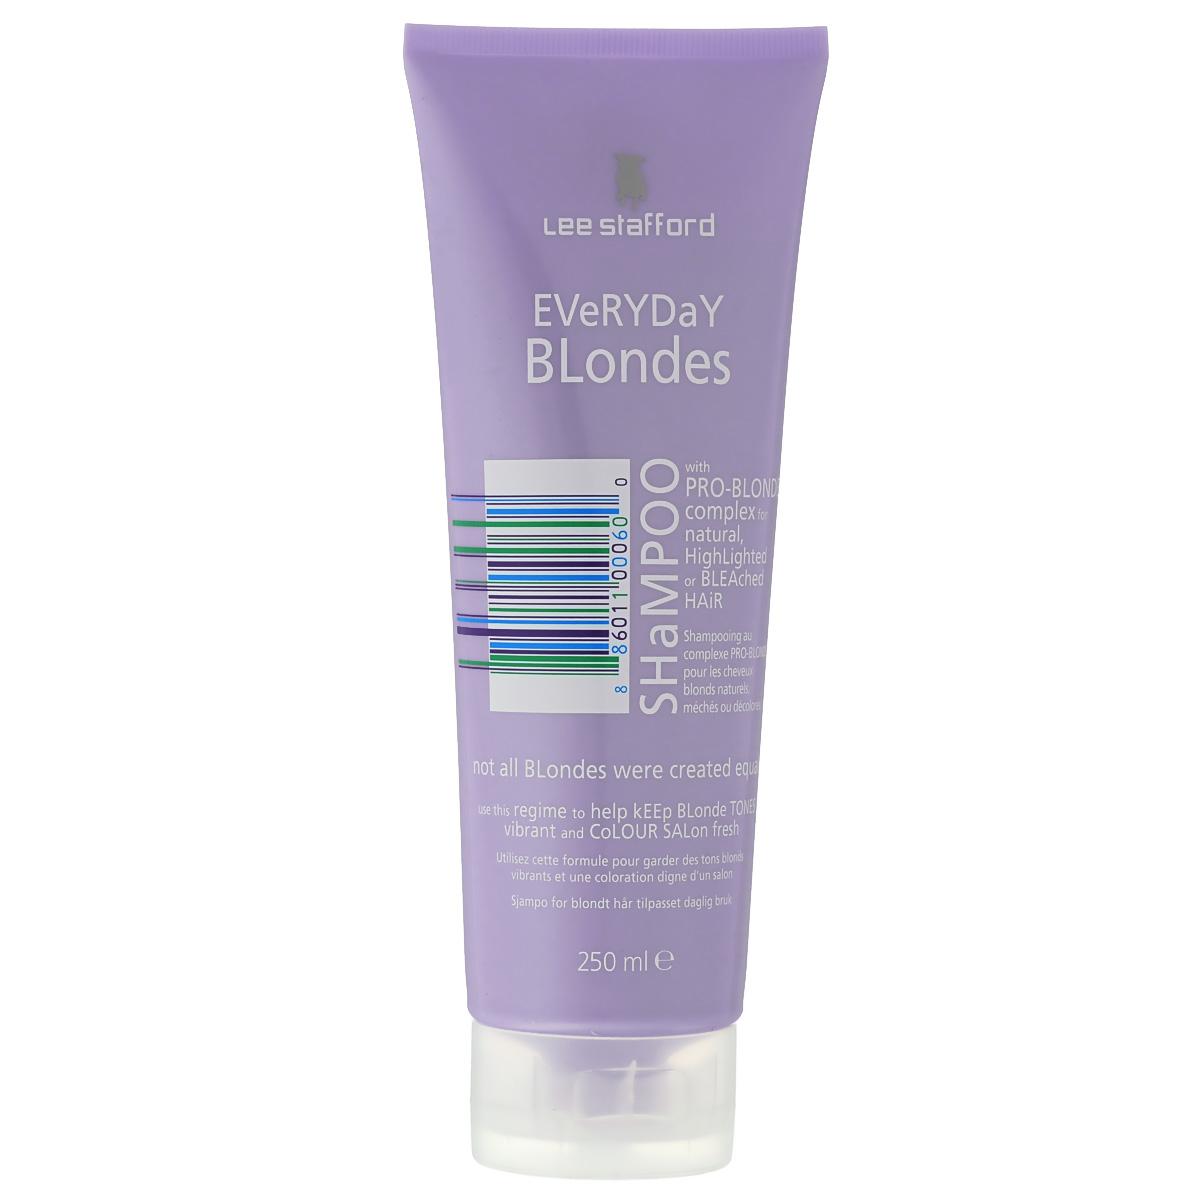 Lee Stafford Шампунь для осветленных волос для ежедневного применения Bleach Blonde, 250 мл768858200120 Lee Stafford Everyday Blonde Shampoo, шампунь для осветленных волос для ежедневного применения 250 мл. Ежедневный уход, разработанный специально для осветленных волос. Сохраняет цвет и придает волосам платиновый оттенок. Комплекс Pro-Blonde TM – содержит пантенол, экстракты ромашки и семян моринги, которые сохраняют естественный блеск и шелковистость.